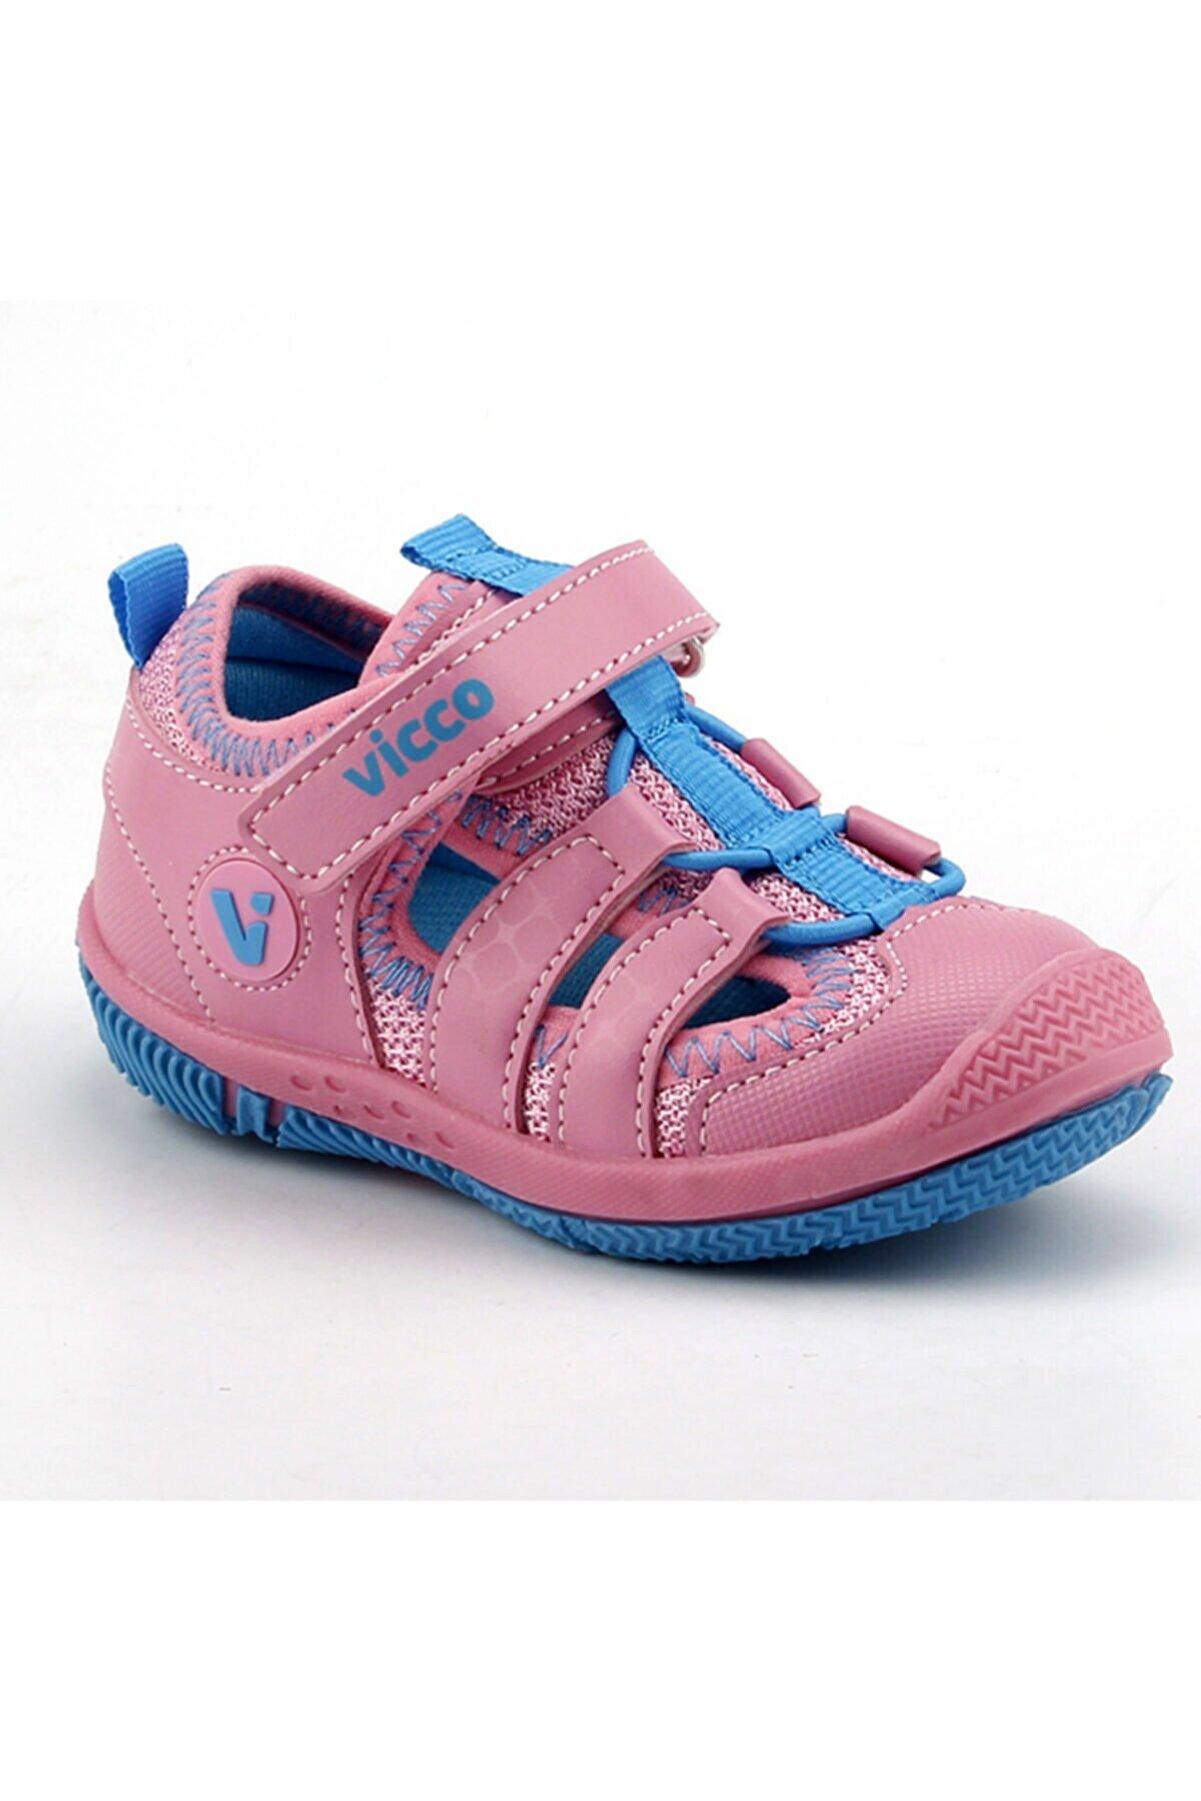 Vicco Kız Çocuk  Sunny Pembe Günlük Ortopedik Spor Sandalet Terlik 332.z.300